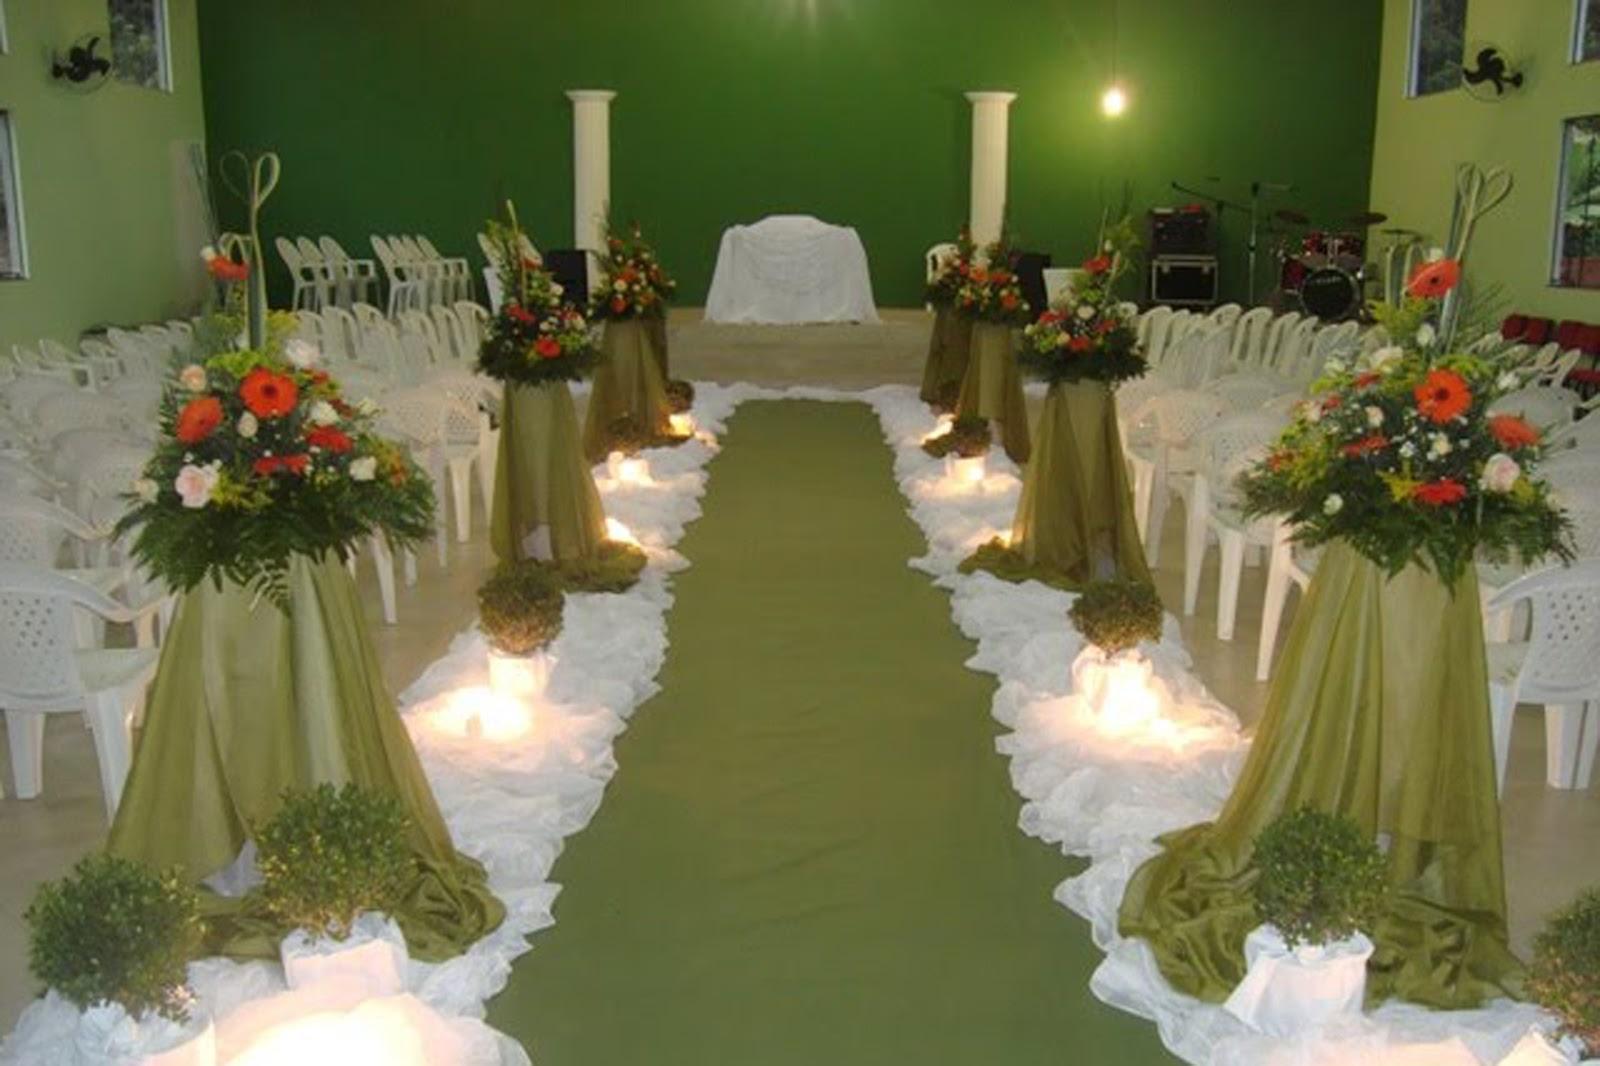 decoracao de casamento igreja evangelica : decoracao de casamento igreja evangelica:Decoracao De Casamento